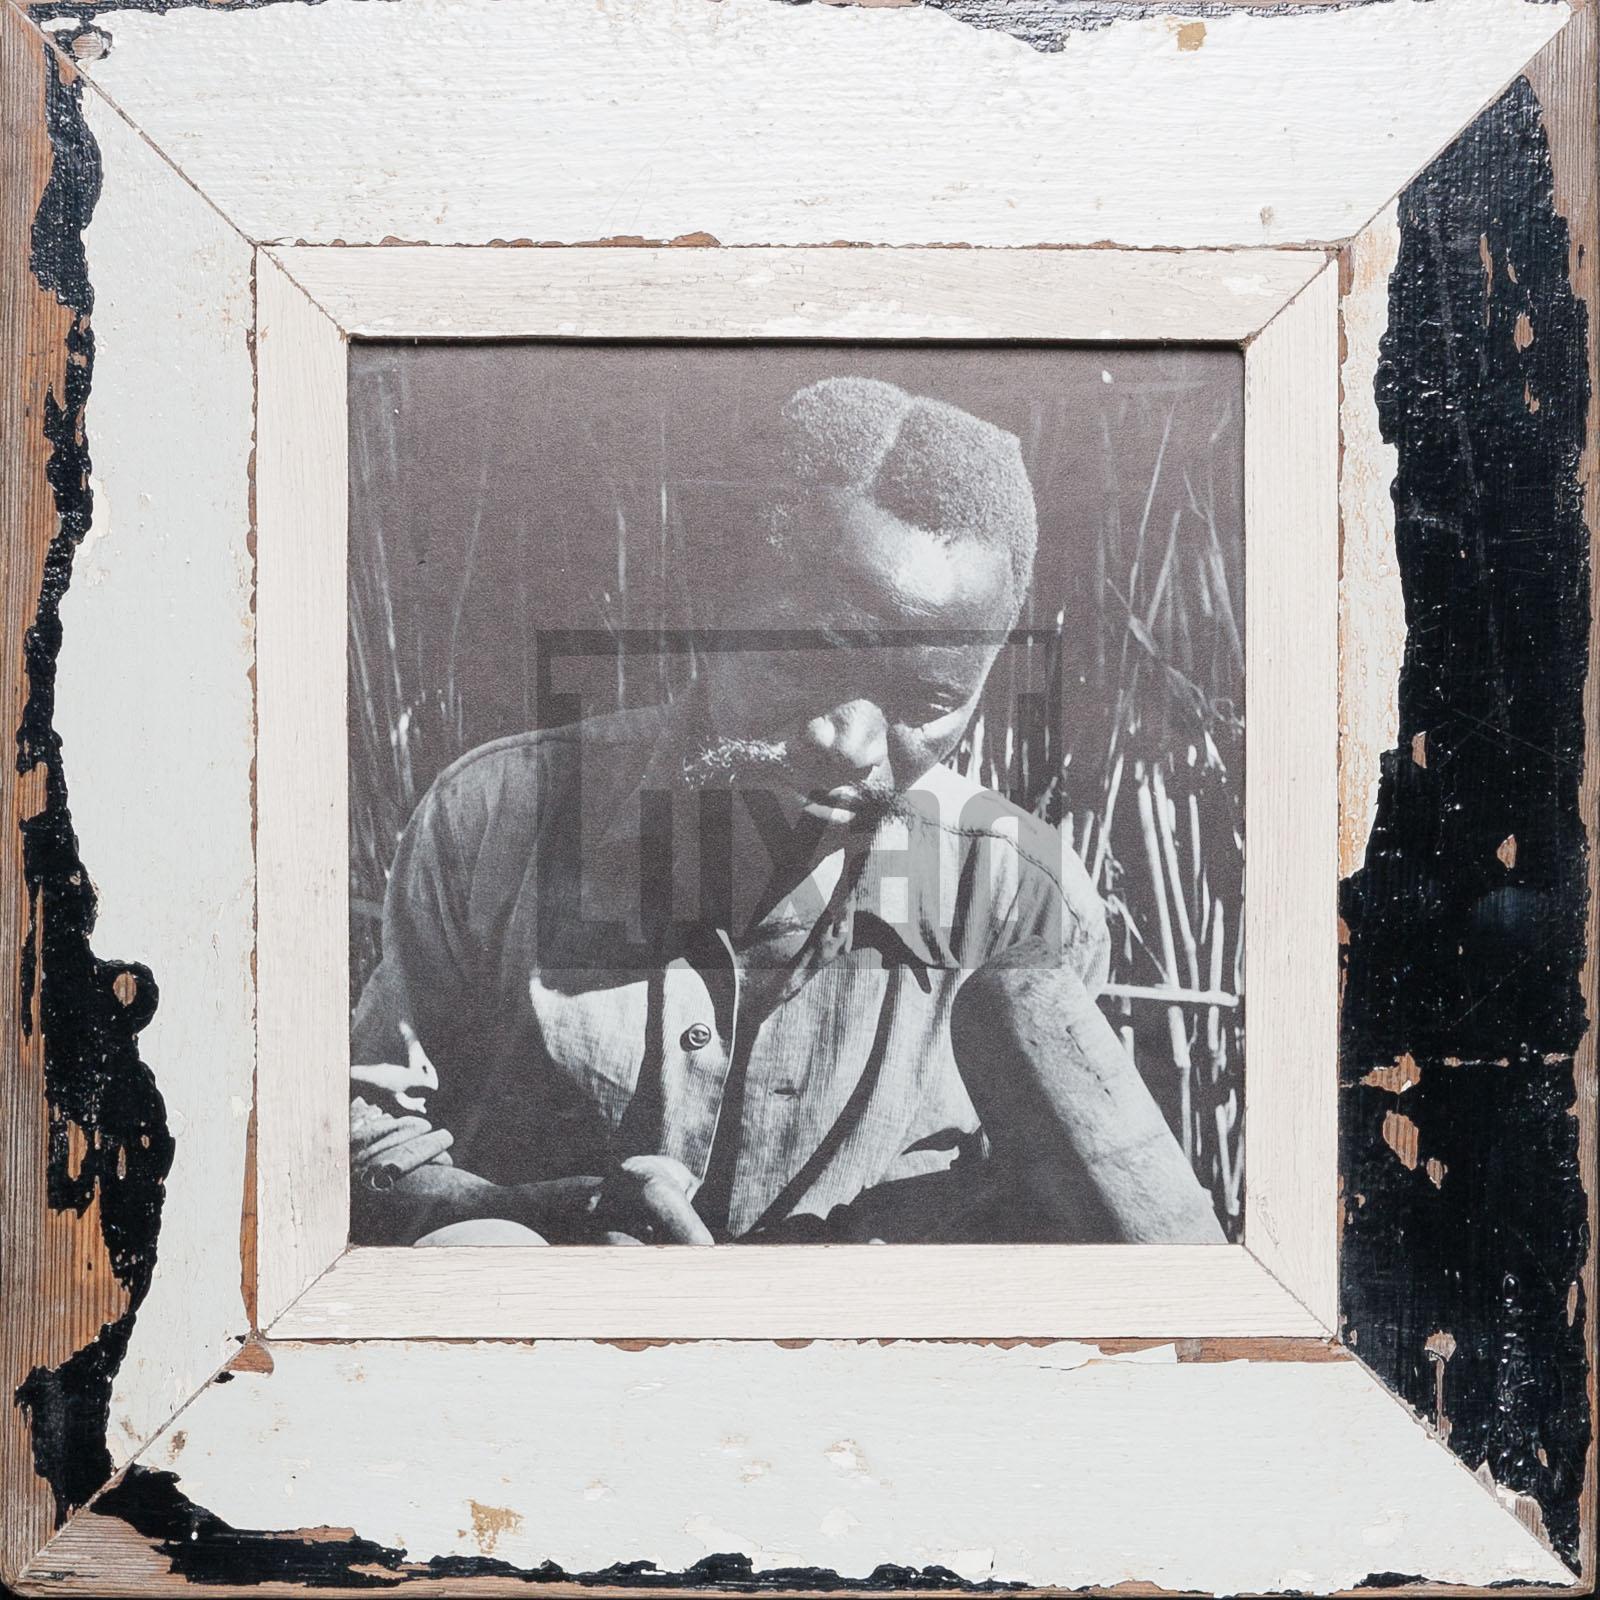 Quadratischer Bilderrahmen aus alten Holzleisten für quadratische 21 x 21 cm